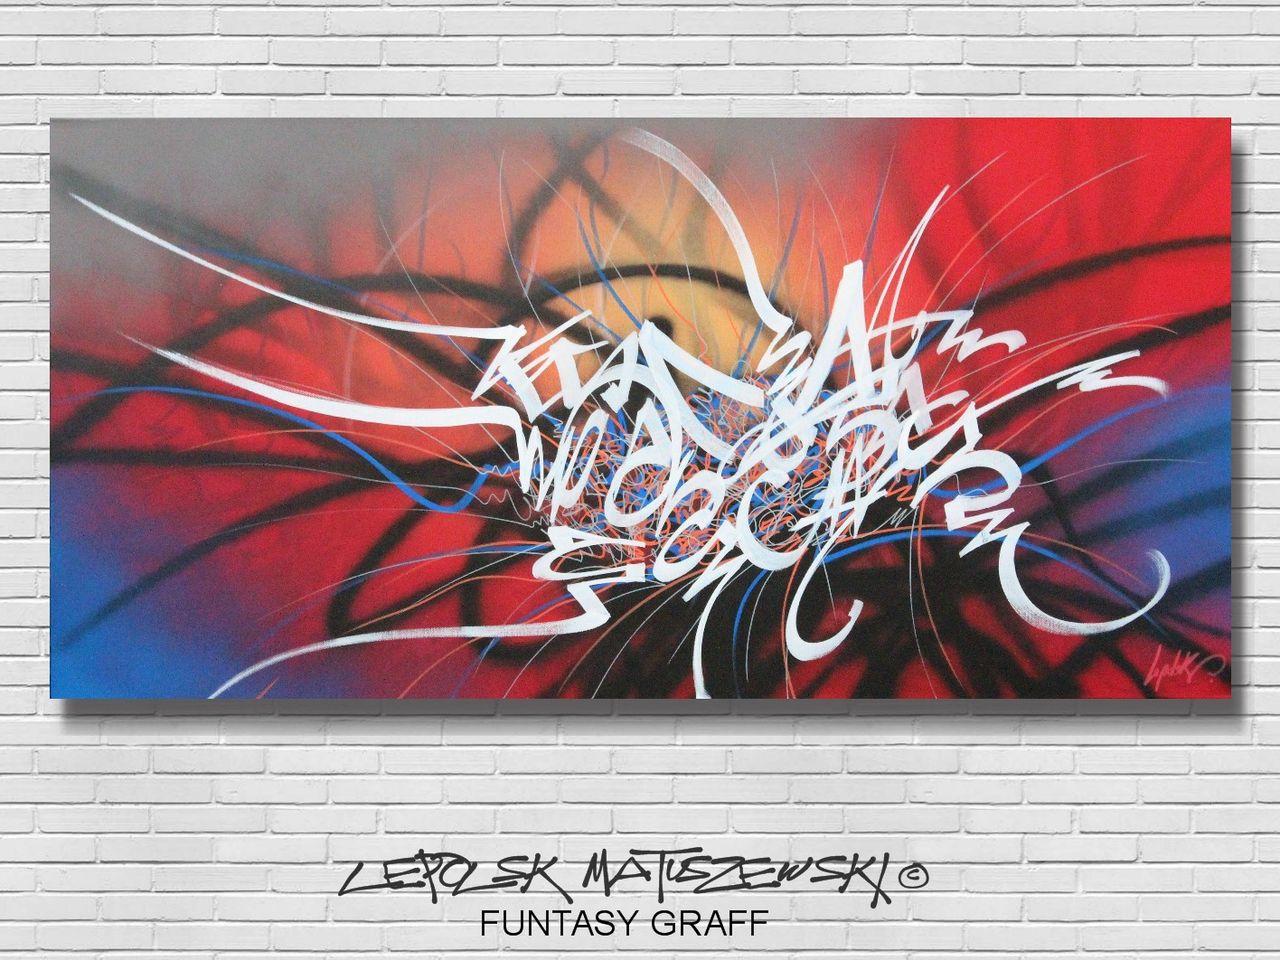 MISTER K  - Lepolsk Matuszewski FUNTASY GRAFF  Street art callifgraffiti graffiti expressionnisme abstrait